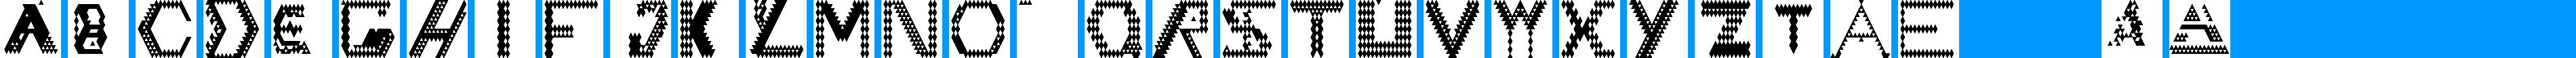 Particip-a-type v.195